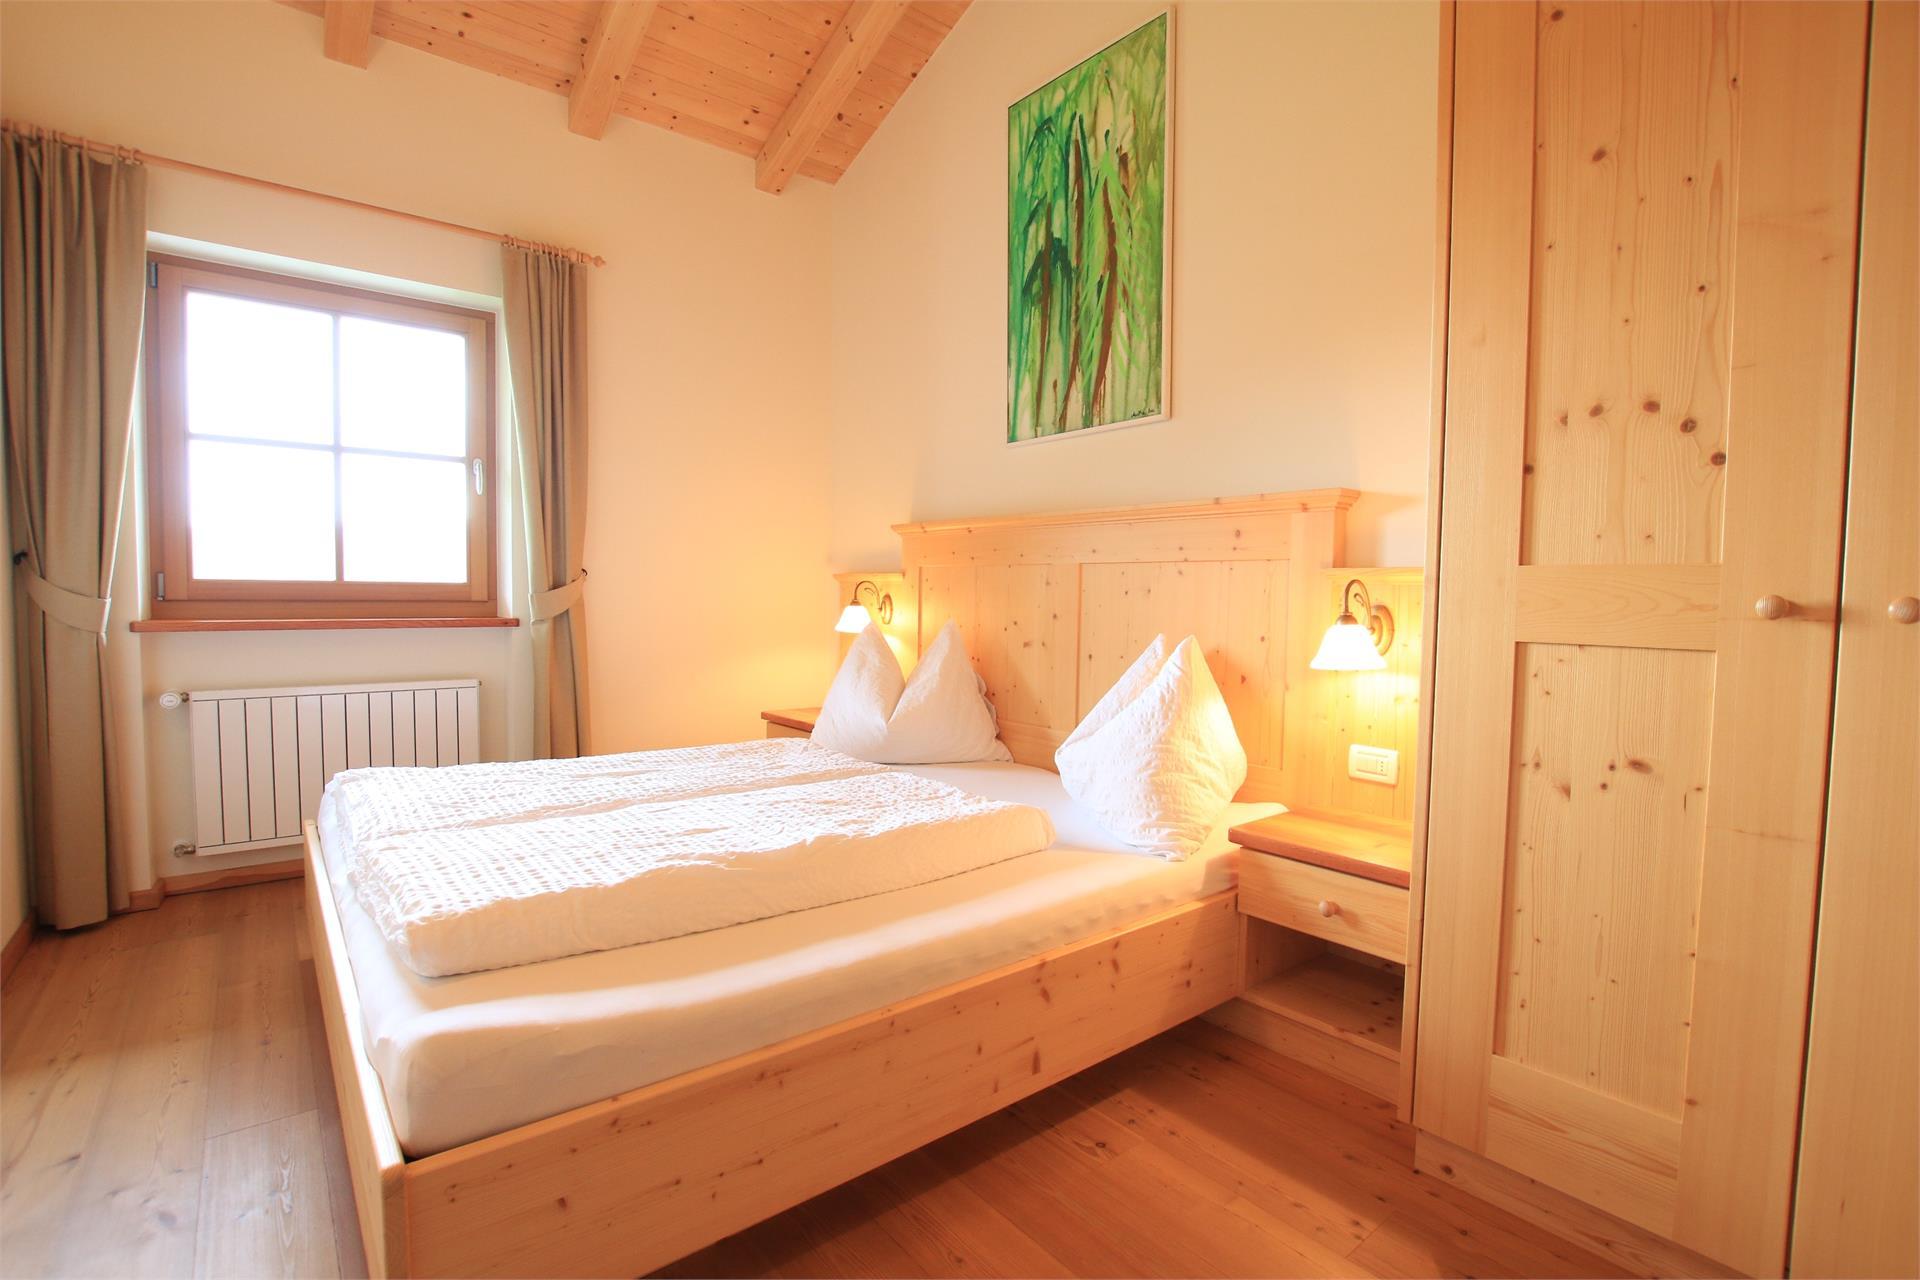 Ruhiges Schlafzimmer mit Massivholzmöbeln und Holzboden